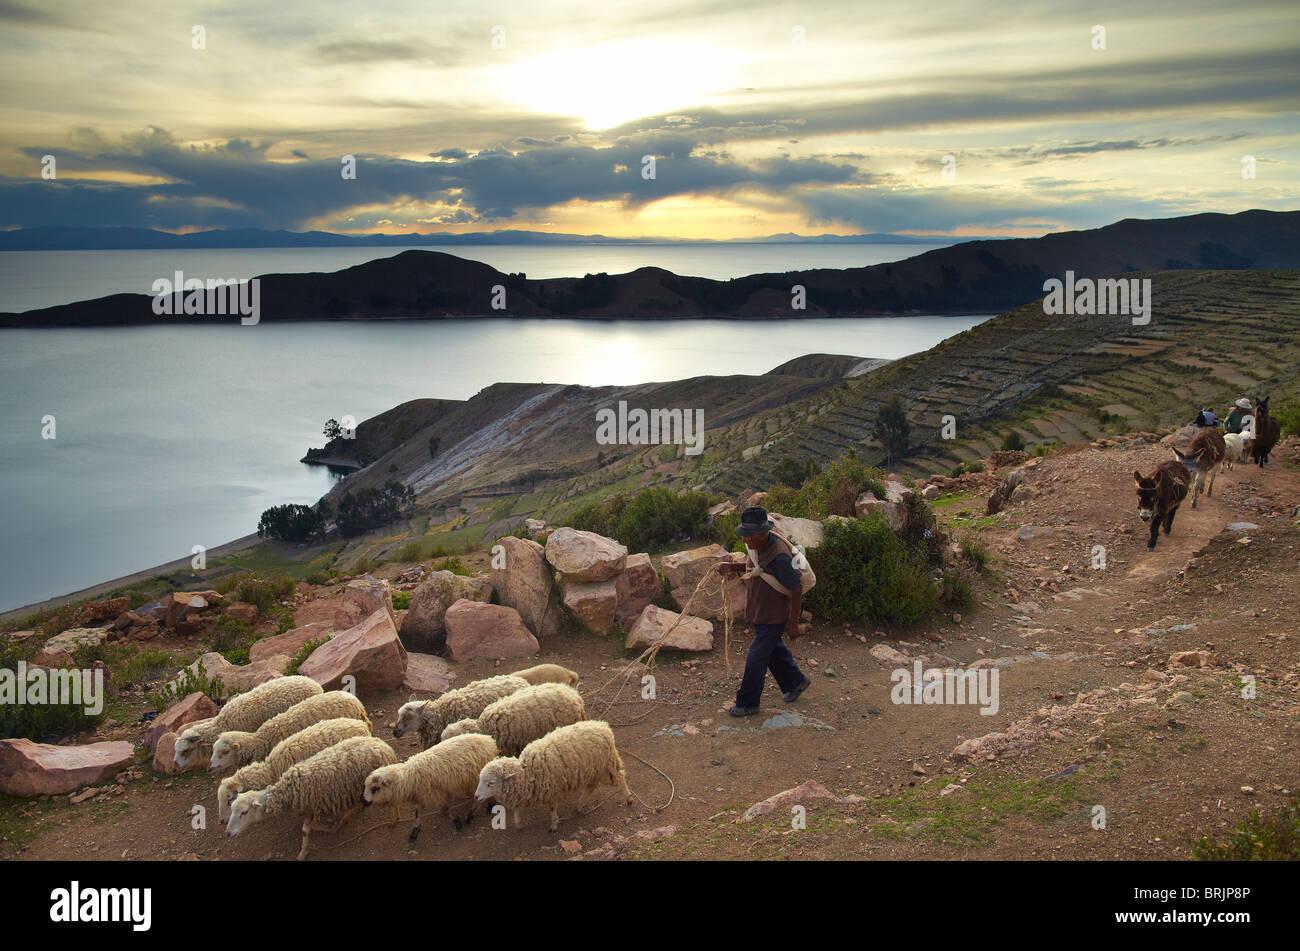 Un granjero con sus ovejas en la Isla del Sol, Lago Titicaca, Bolivia Imagen De Stock